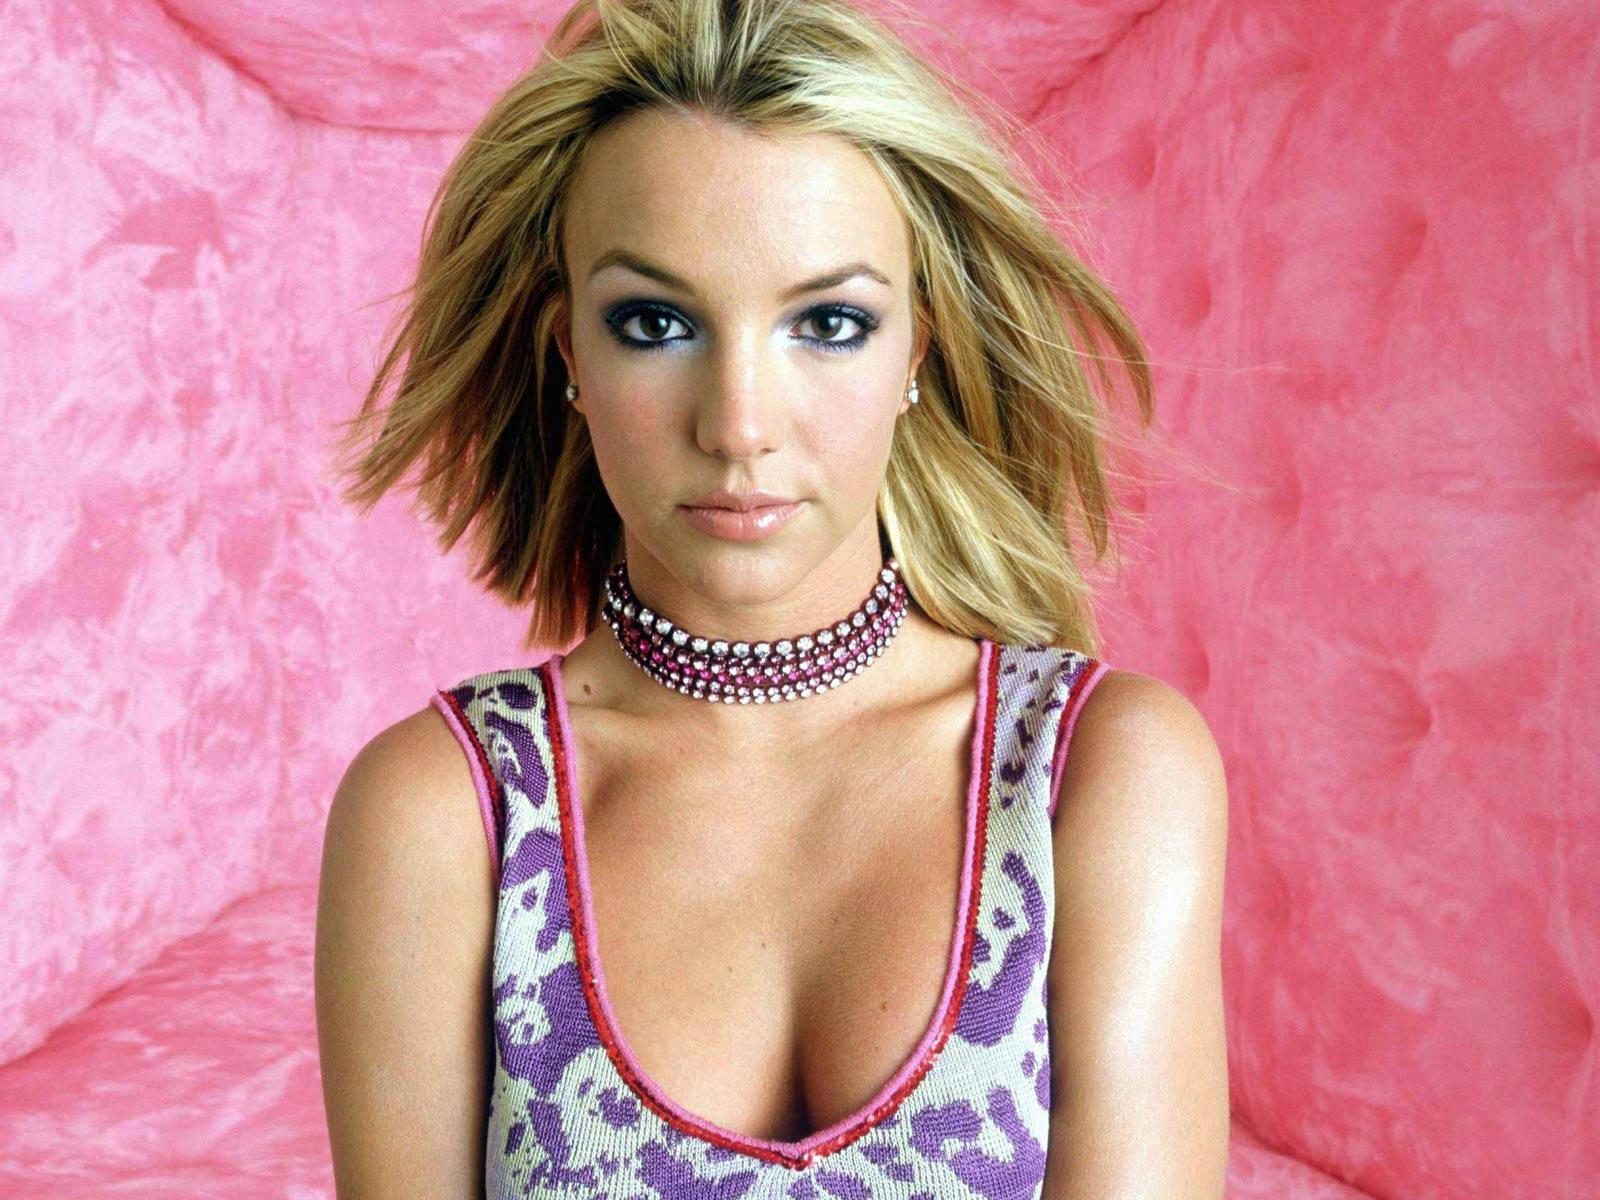 http://3.bp.blogspot.com/-r9-c00YS0To/TyiMoE8QJRI/AAAAAAAAJr0/YYOGES2px6E/s1600/Britney_Spears_0245_1600X1200_Wallpaper.jpg